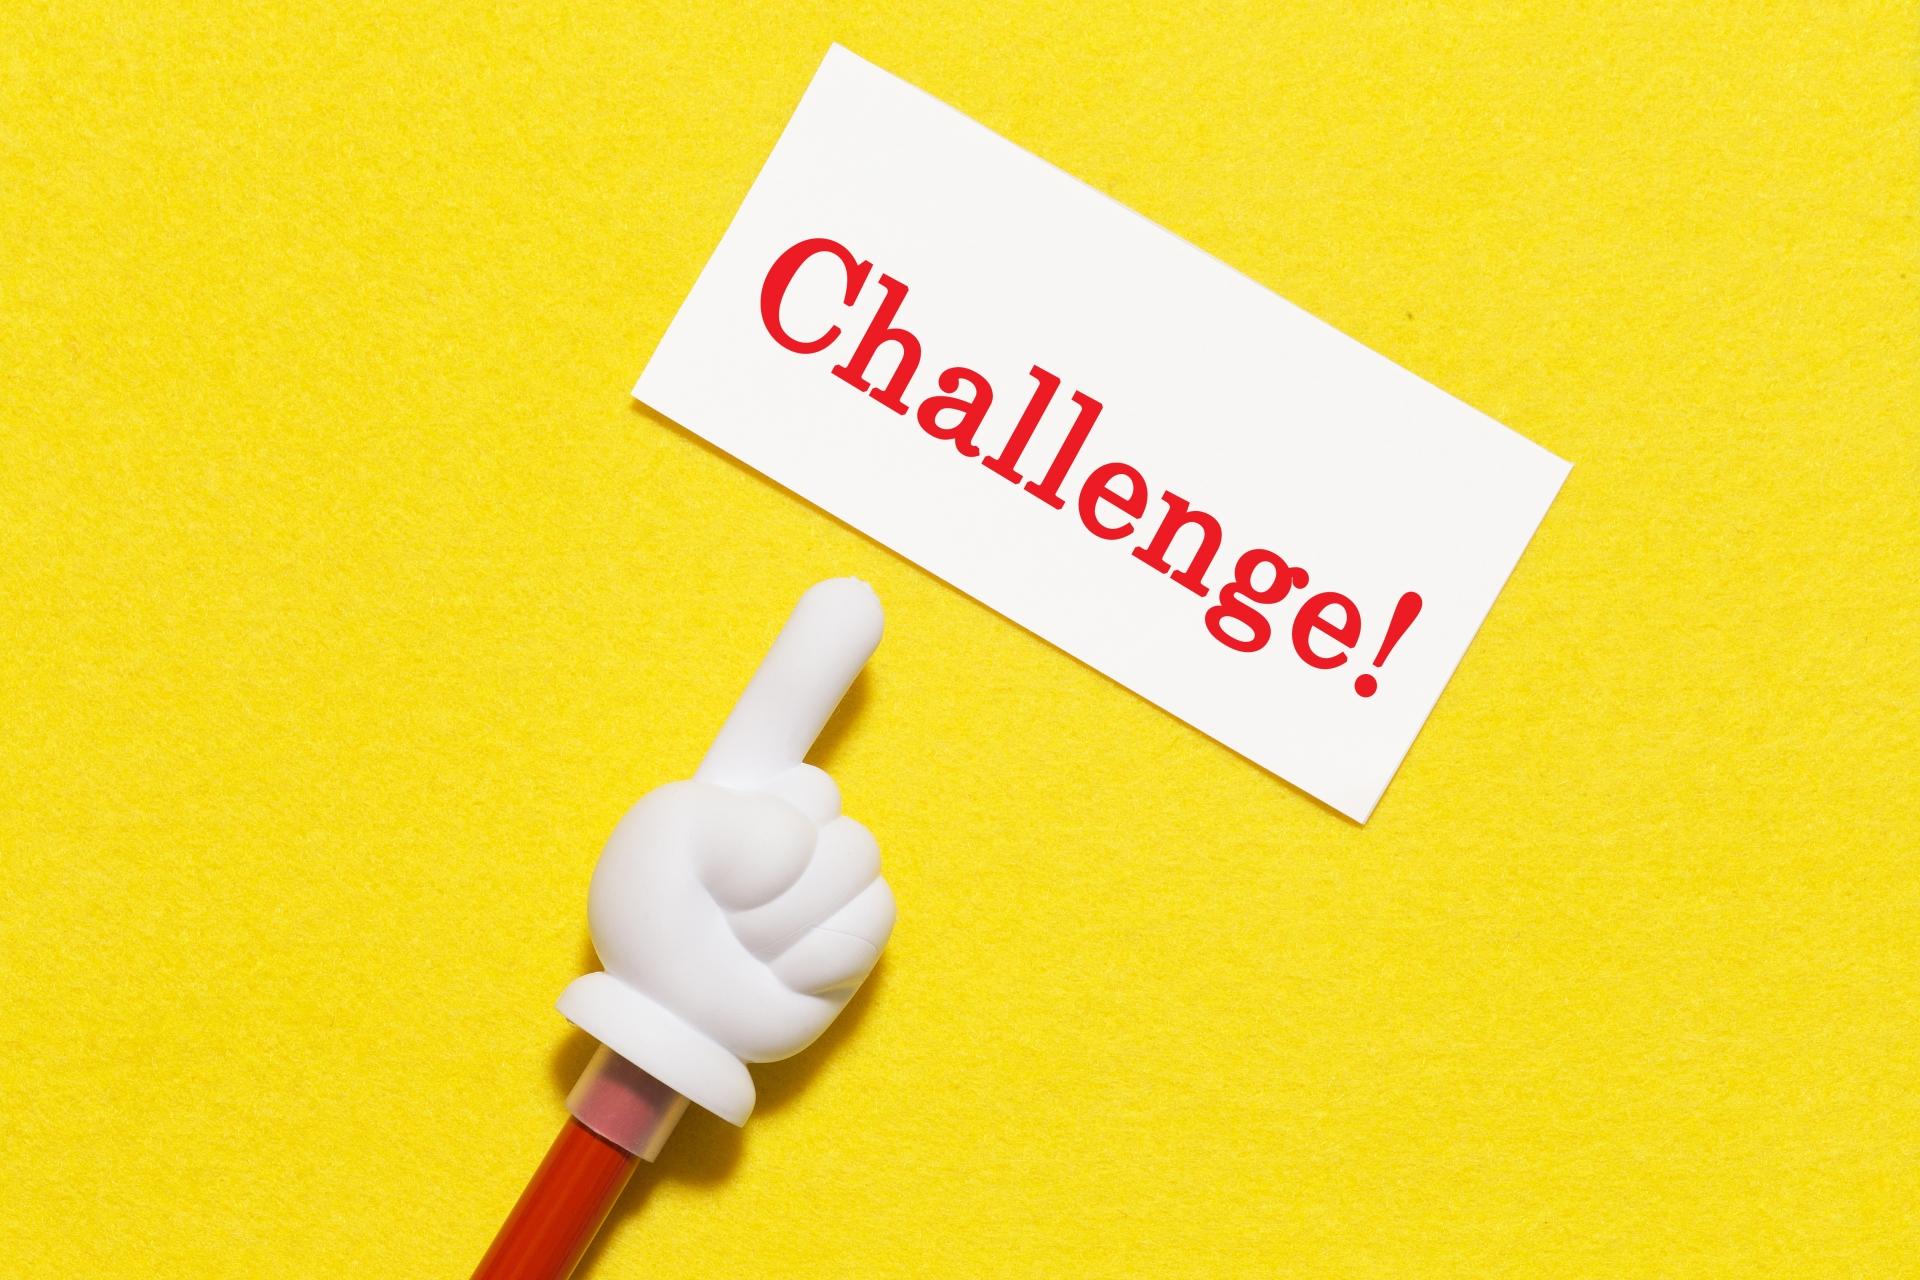 挑戦 失敗を歓迎する